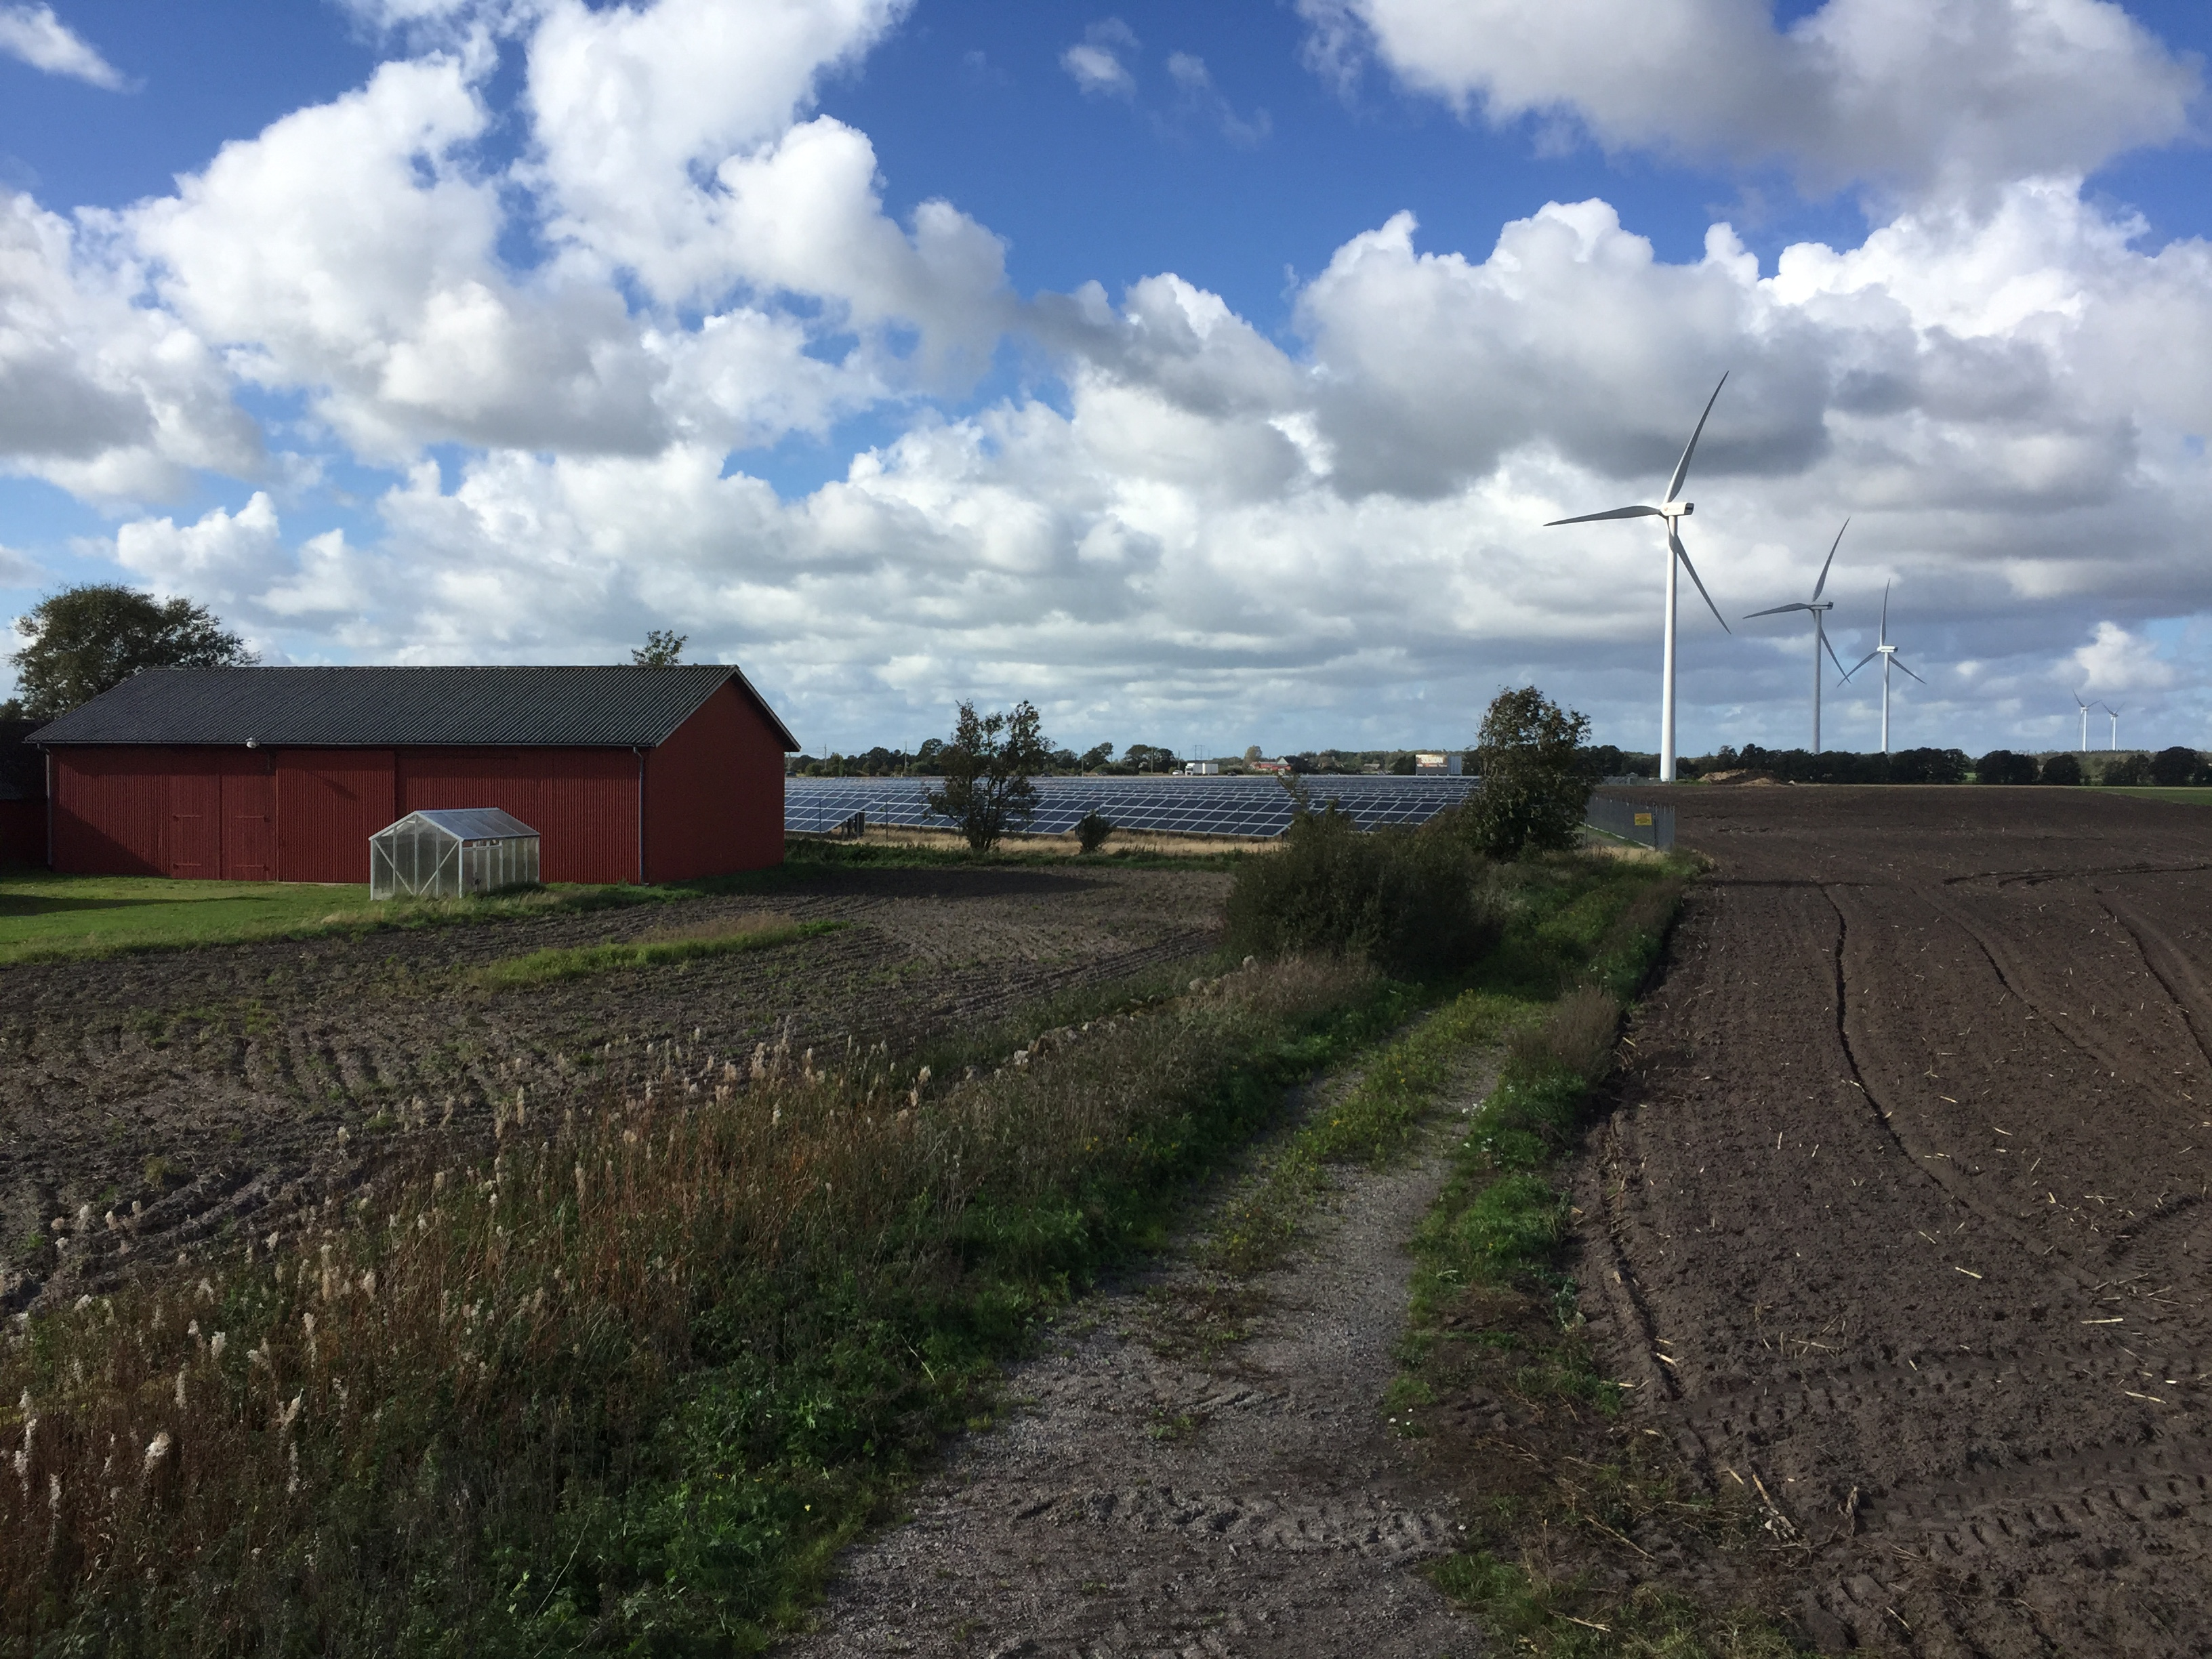 Järnhantering i Tvååkersområdet i Halland